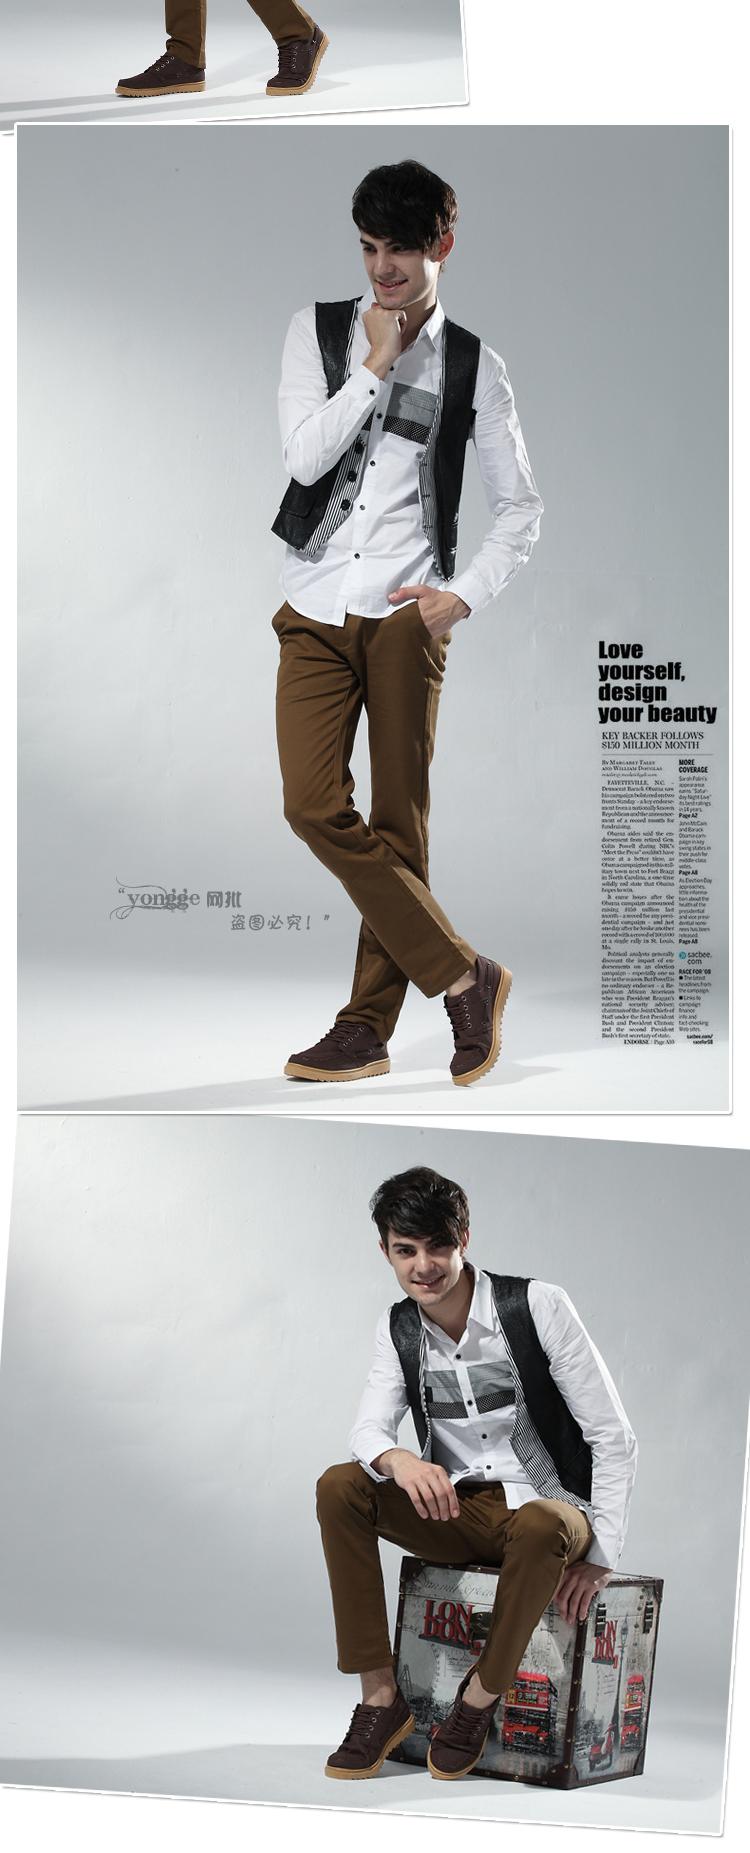 รองเท้าผู้ชาย | รองเท้าแฟชั่นชาย รองเท้าหนัง แฟชั่นเกาหลี